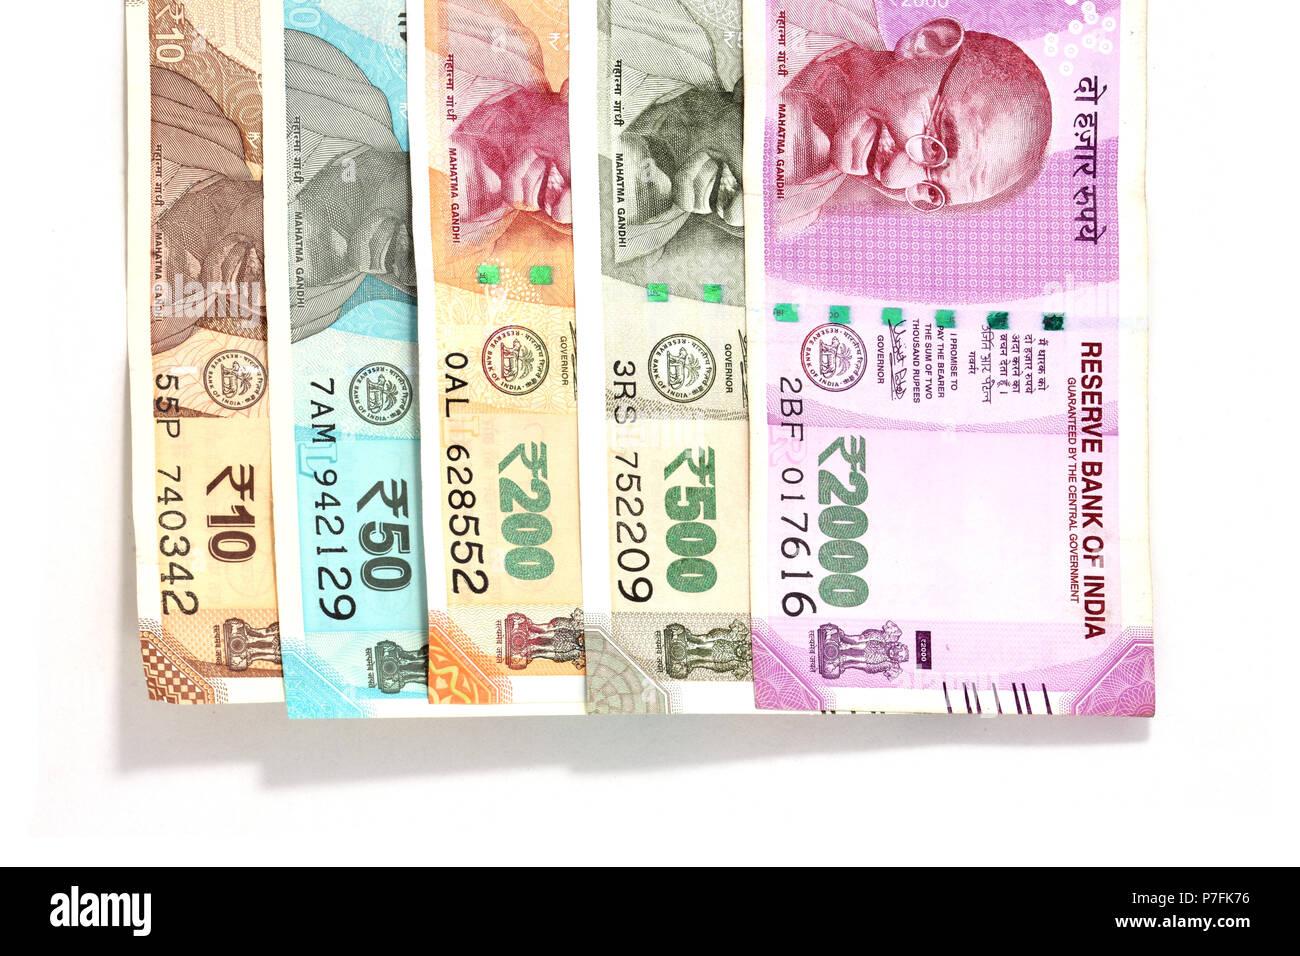 200 Rupee Stock Photos & 200 Rupee Stock Images - Alamy